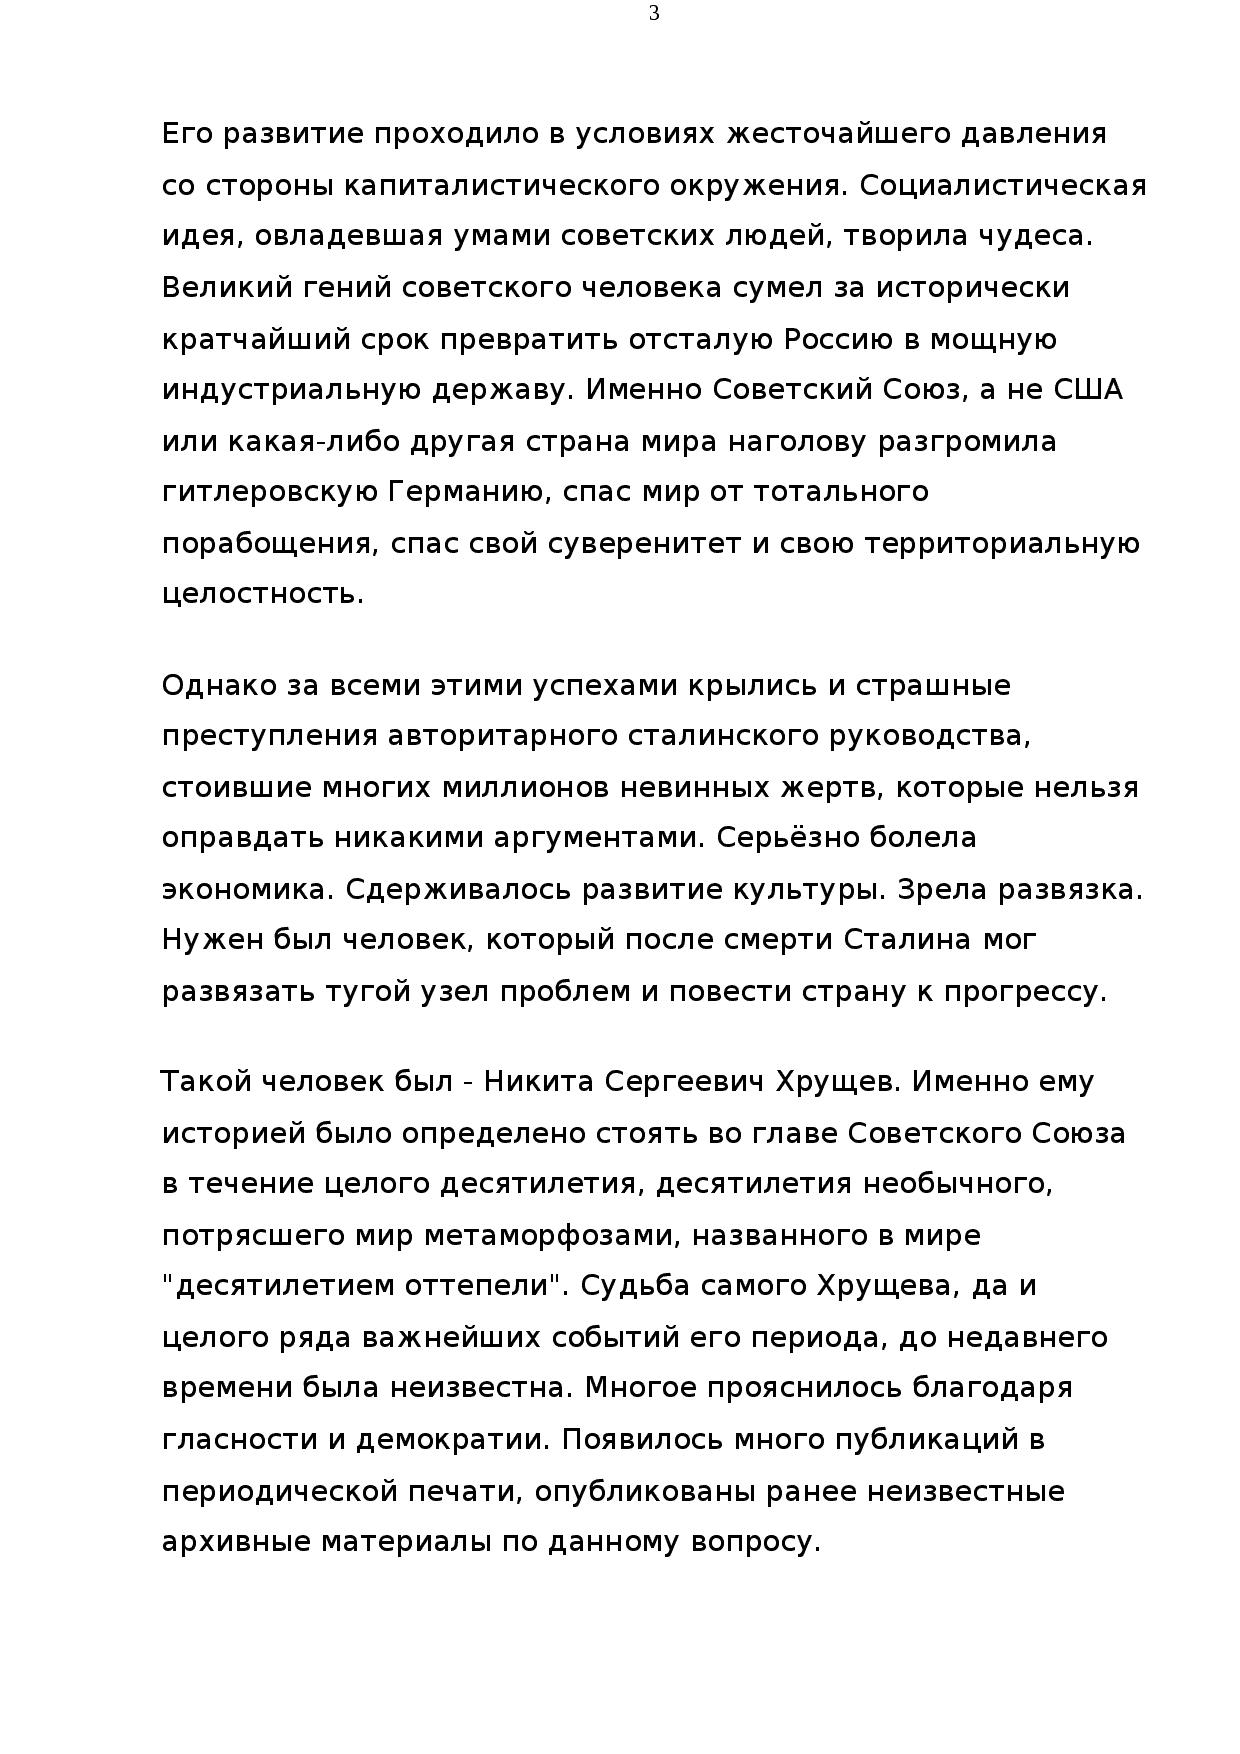 Хрущёвская оттепель википедия